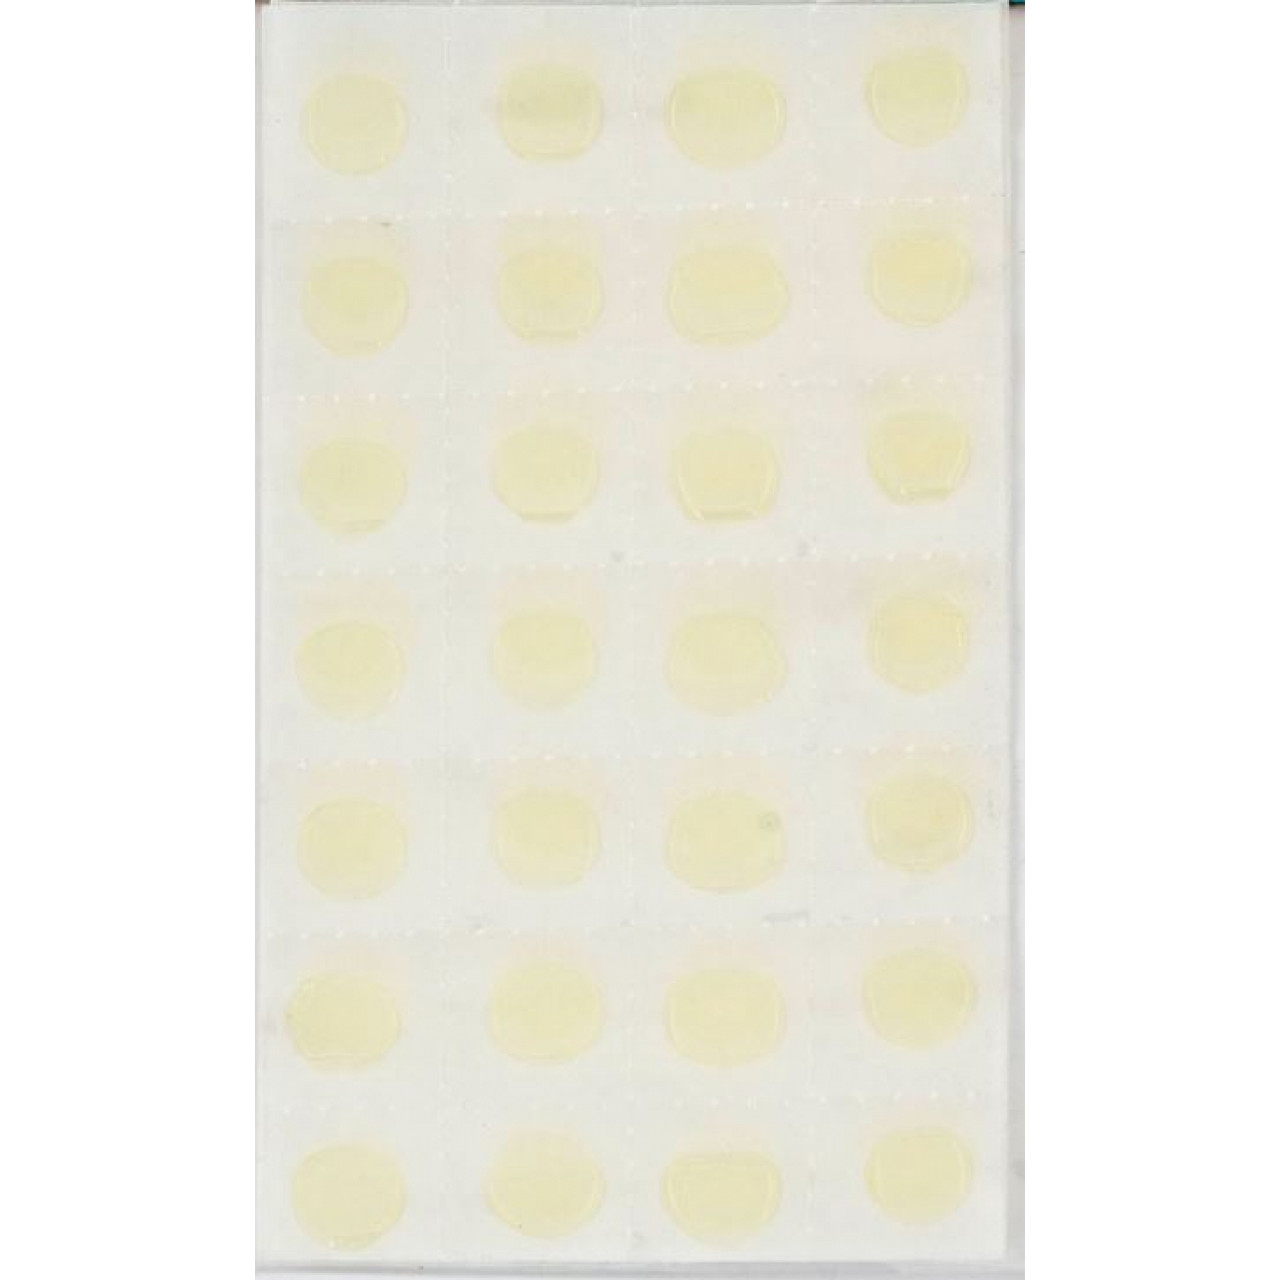 Клеевые капли двусторонние 12 мм, 56 шт 952705 Santi